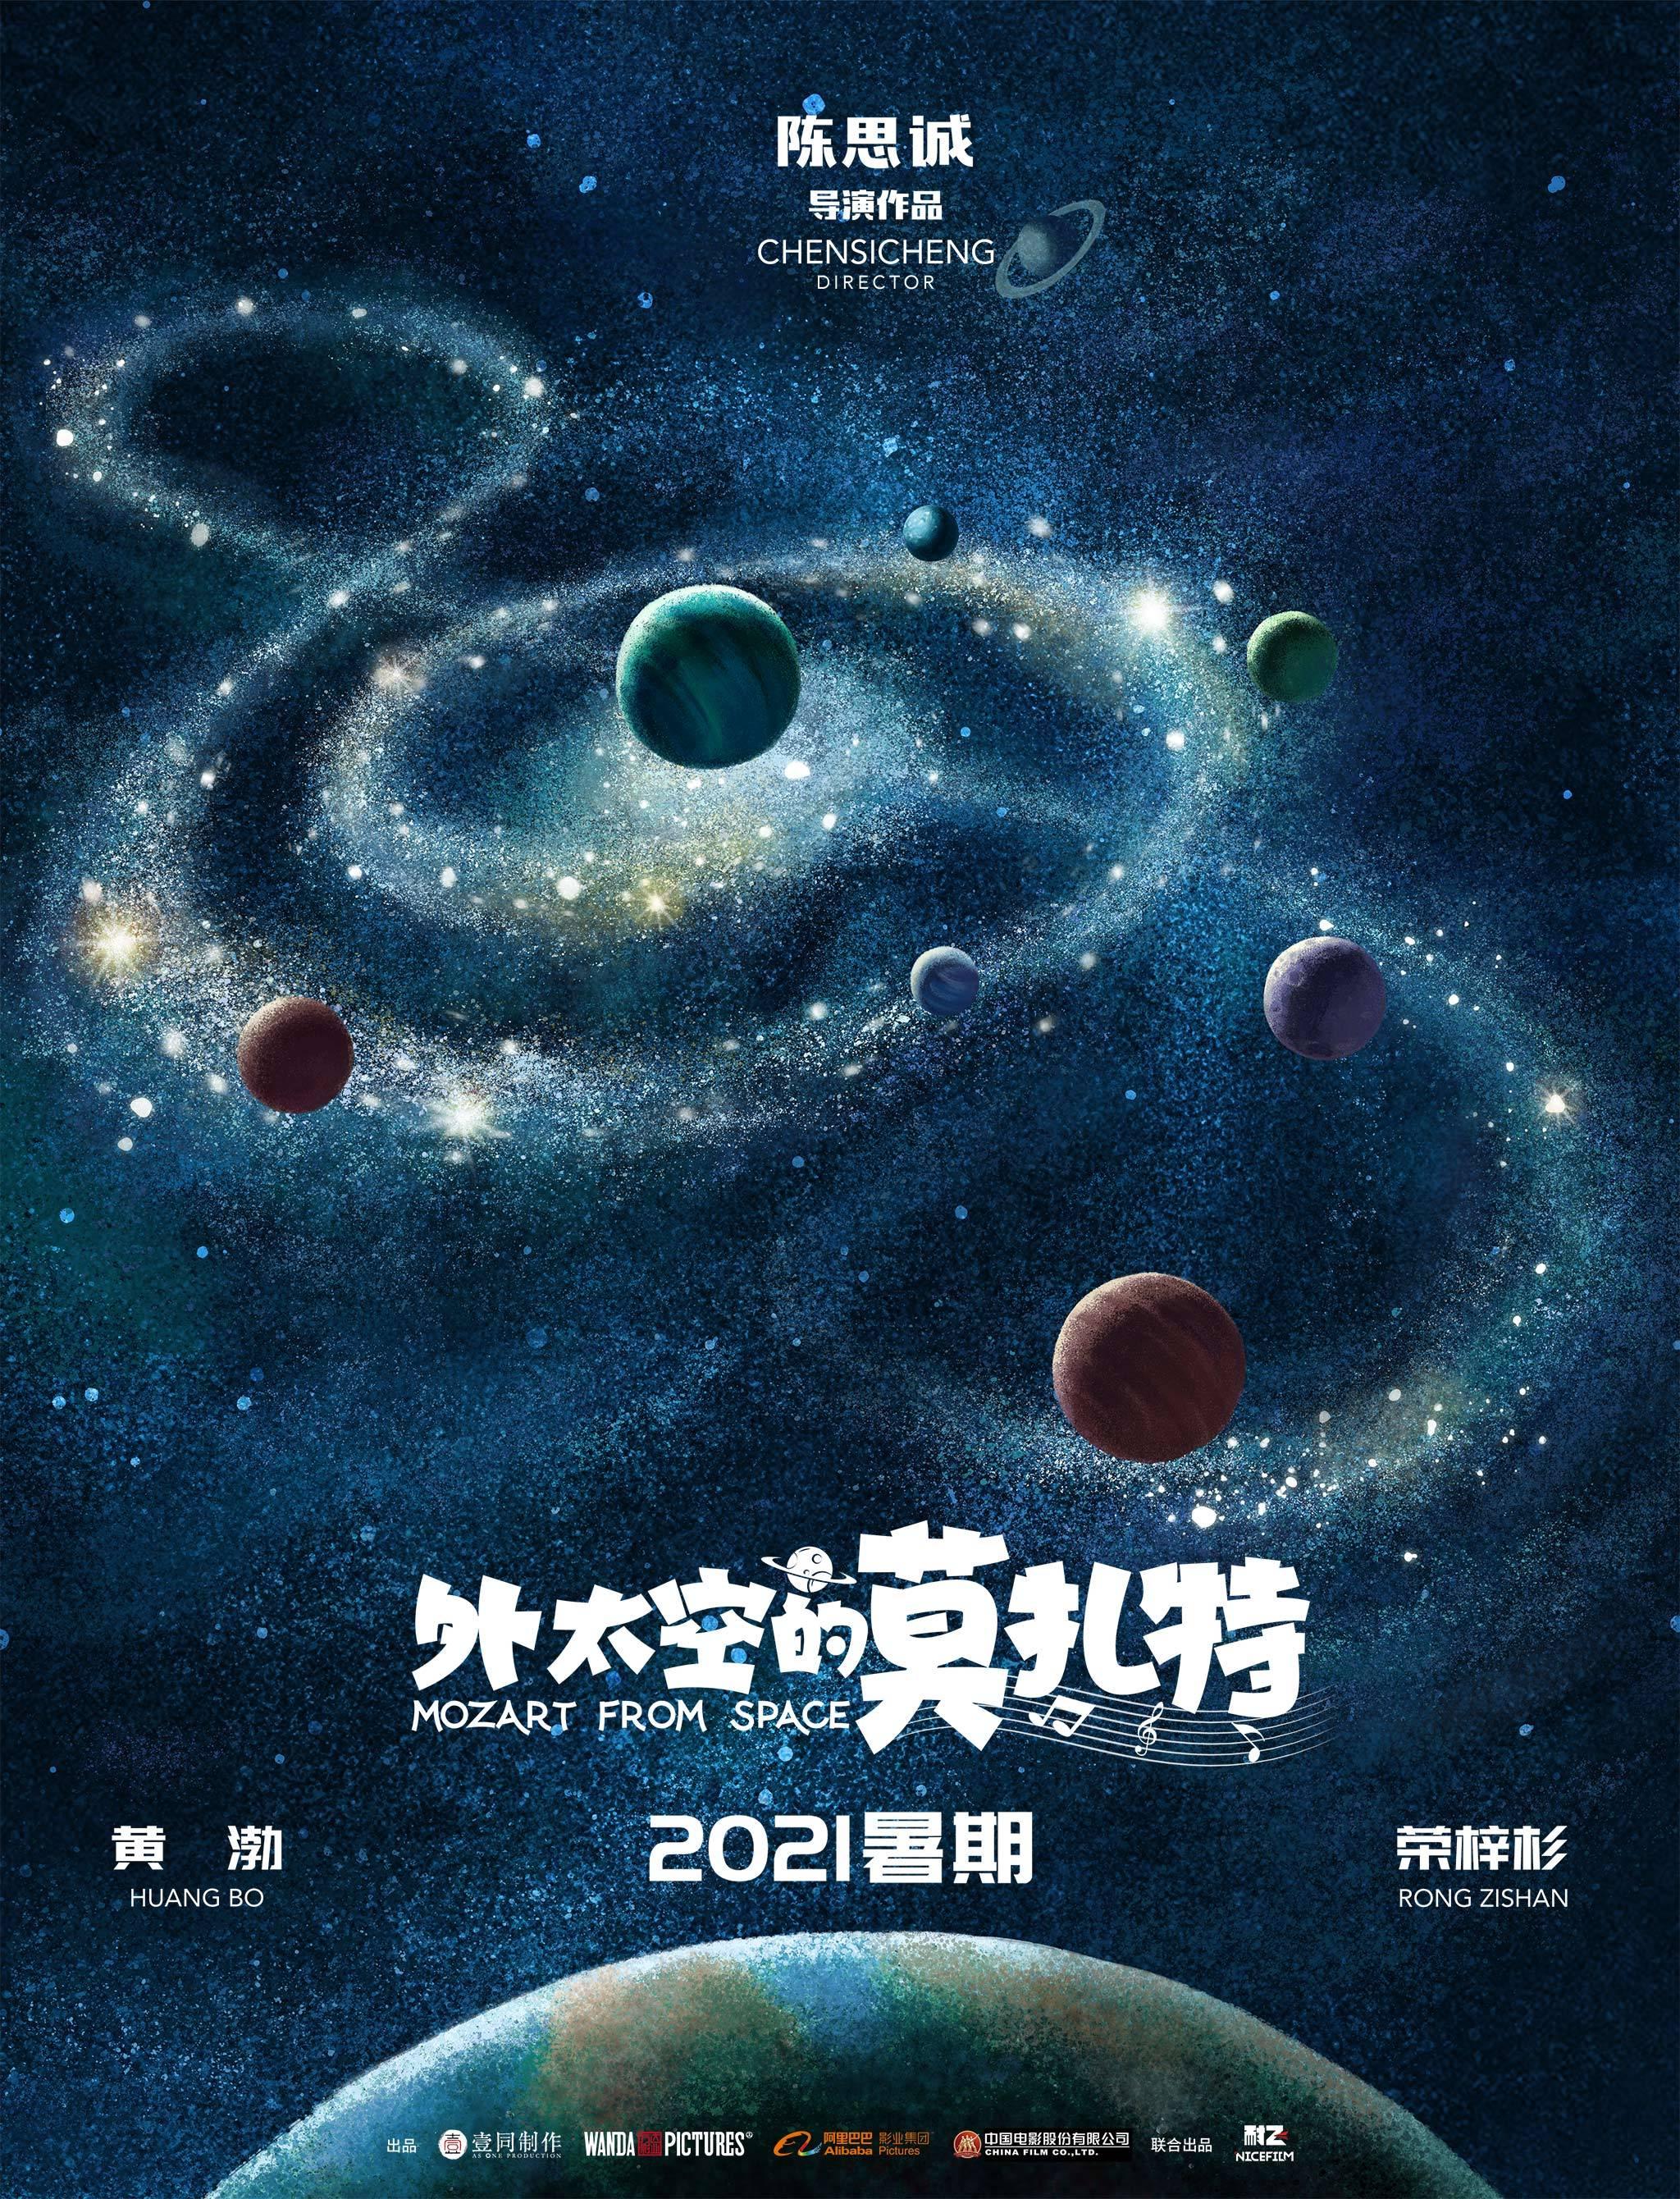 电影《外太空的莫扎特》首曝海报  定档2021暑期,黄渤荣梓杉演父子